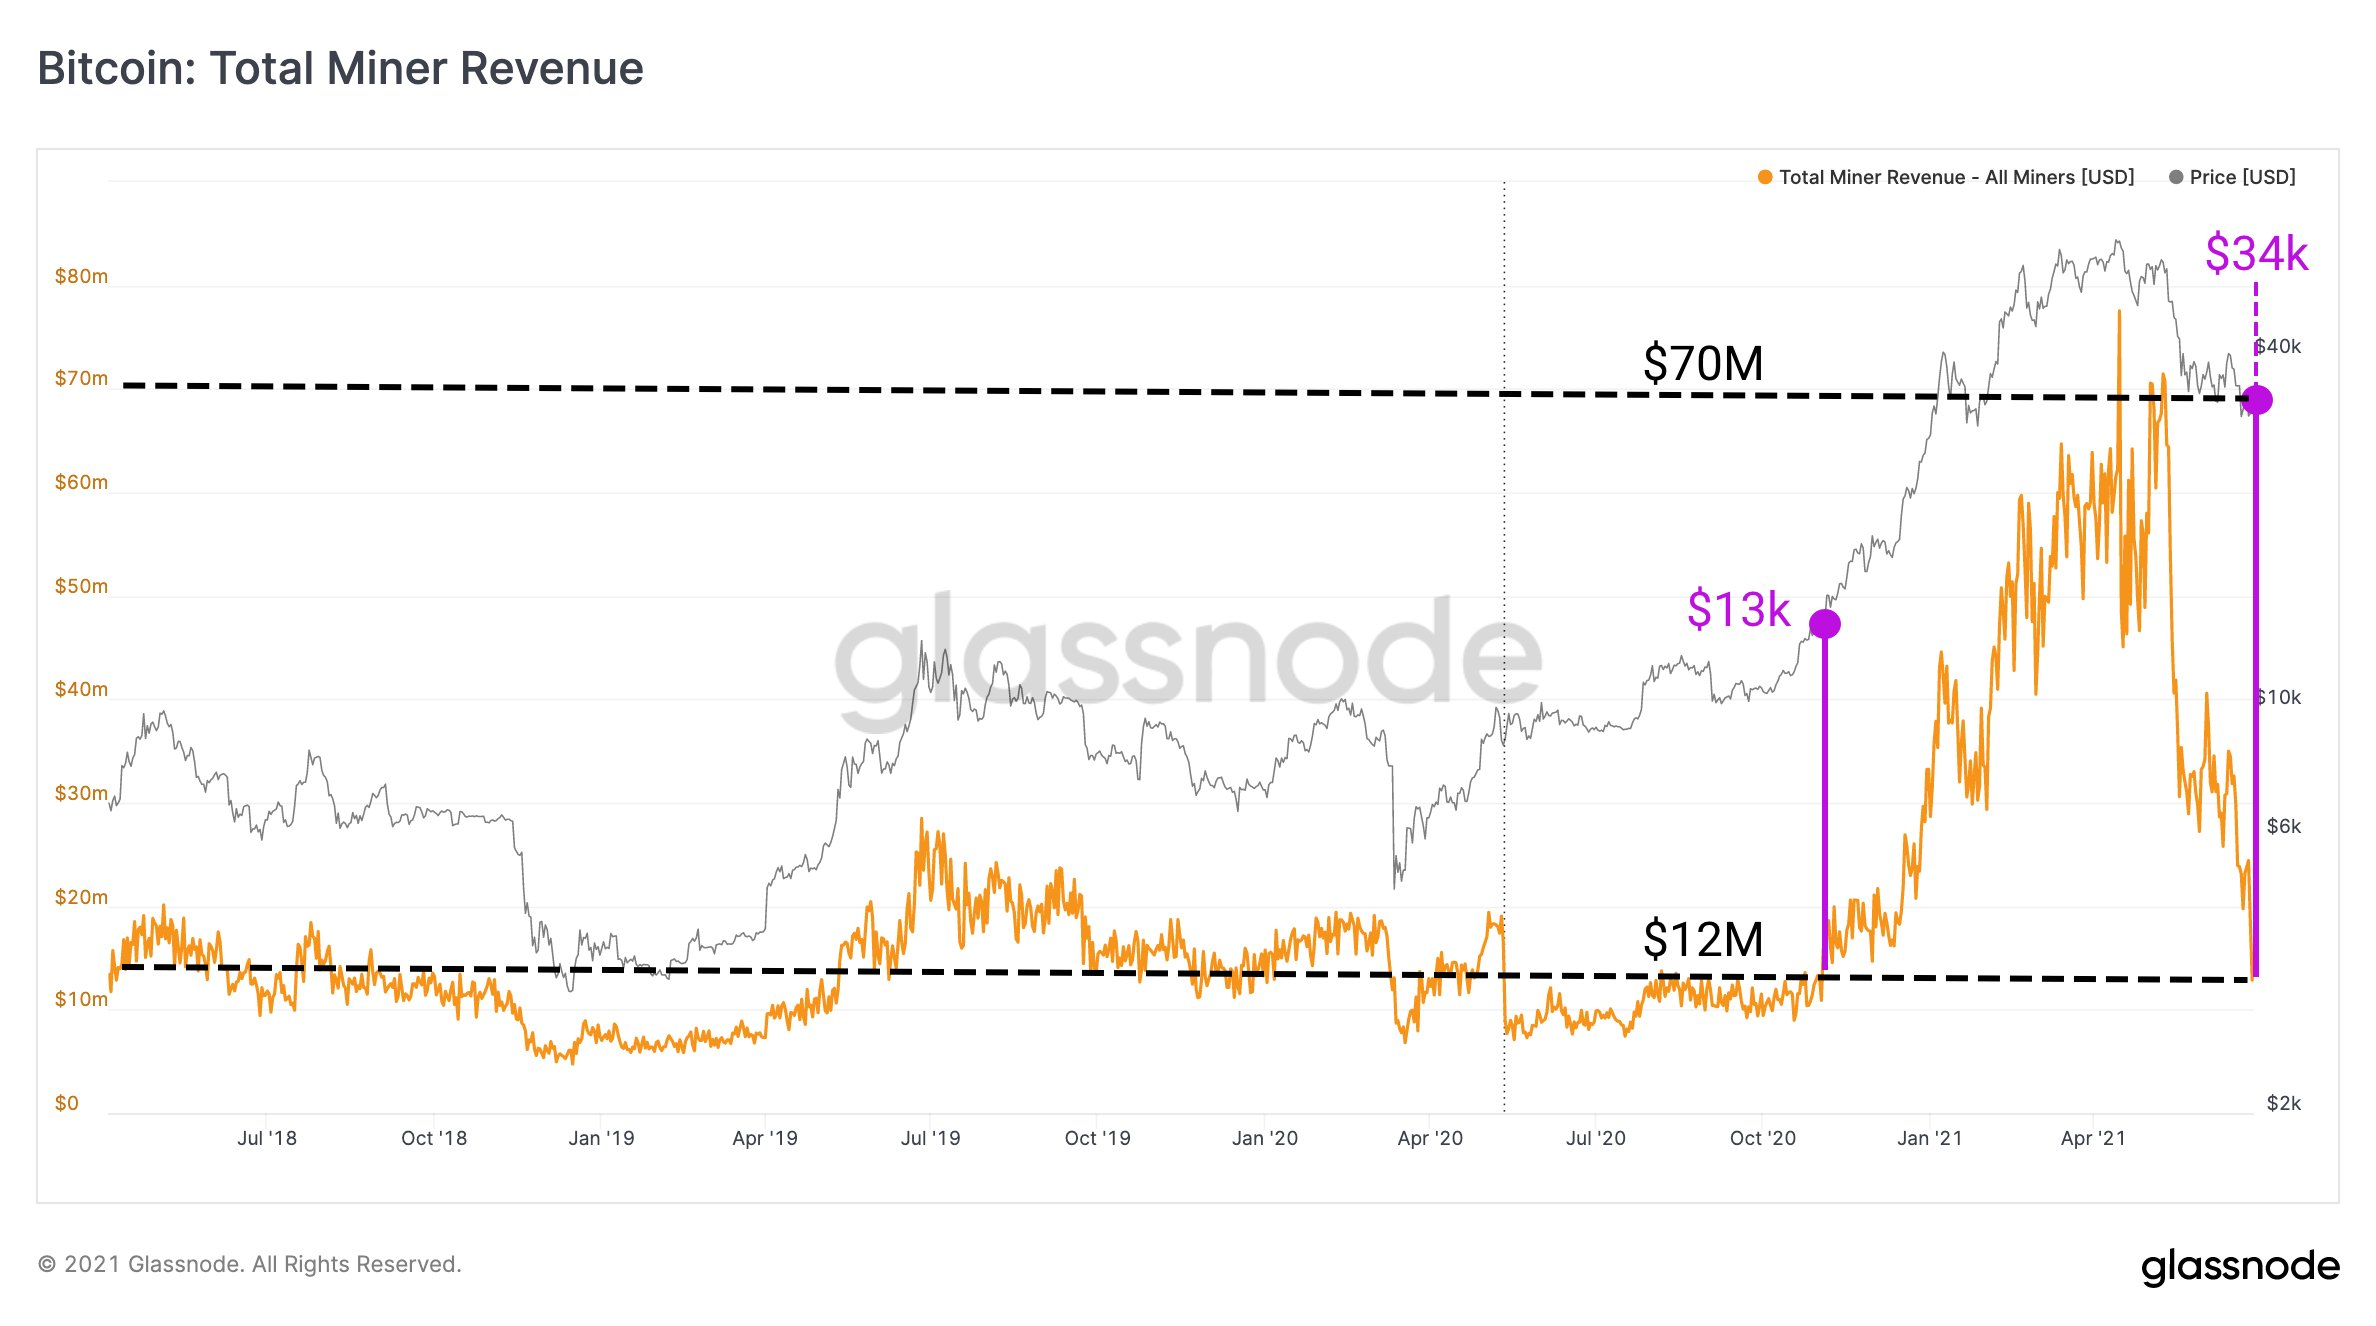 Nejpomalejší produkce bloků v historii BTC, měsíční výnosy těžařů klesají o 80%